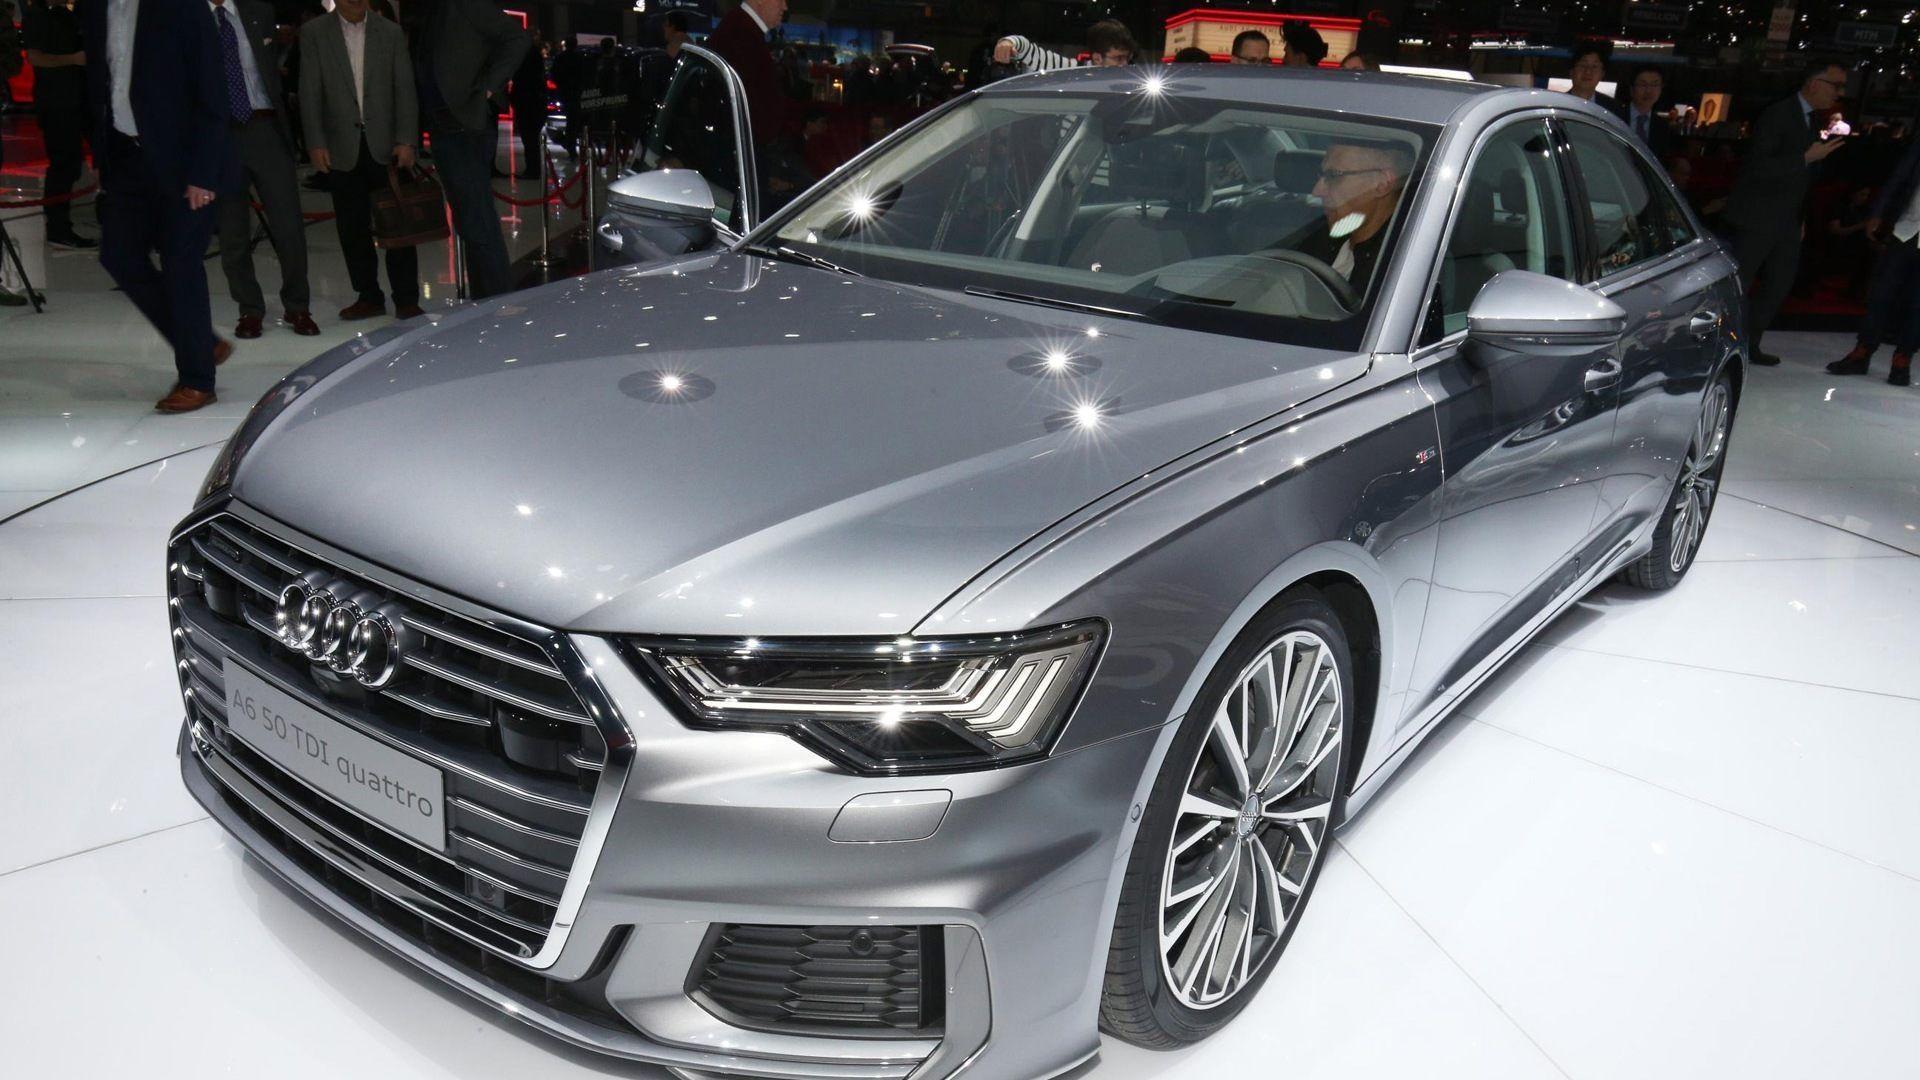 2020 Audi A6 C8 Release Date Review Audi A6 Audi Audi Interior